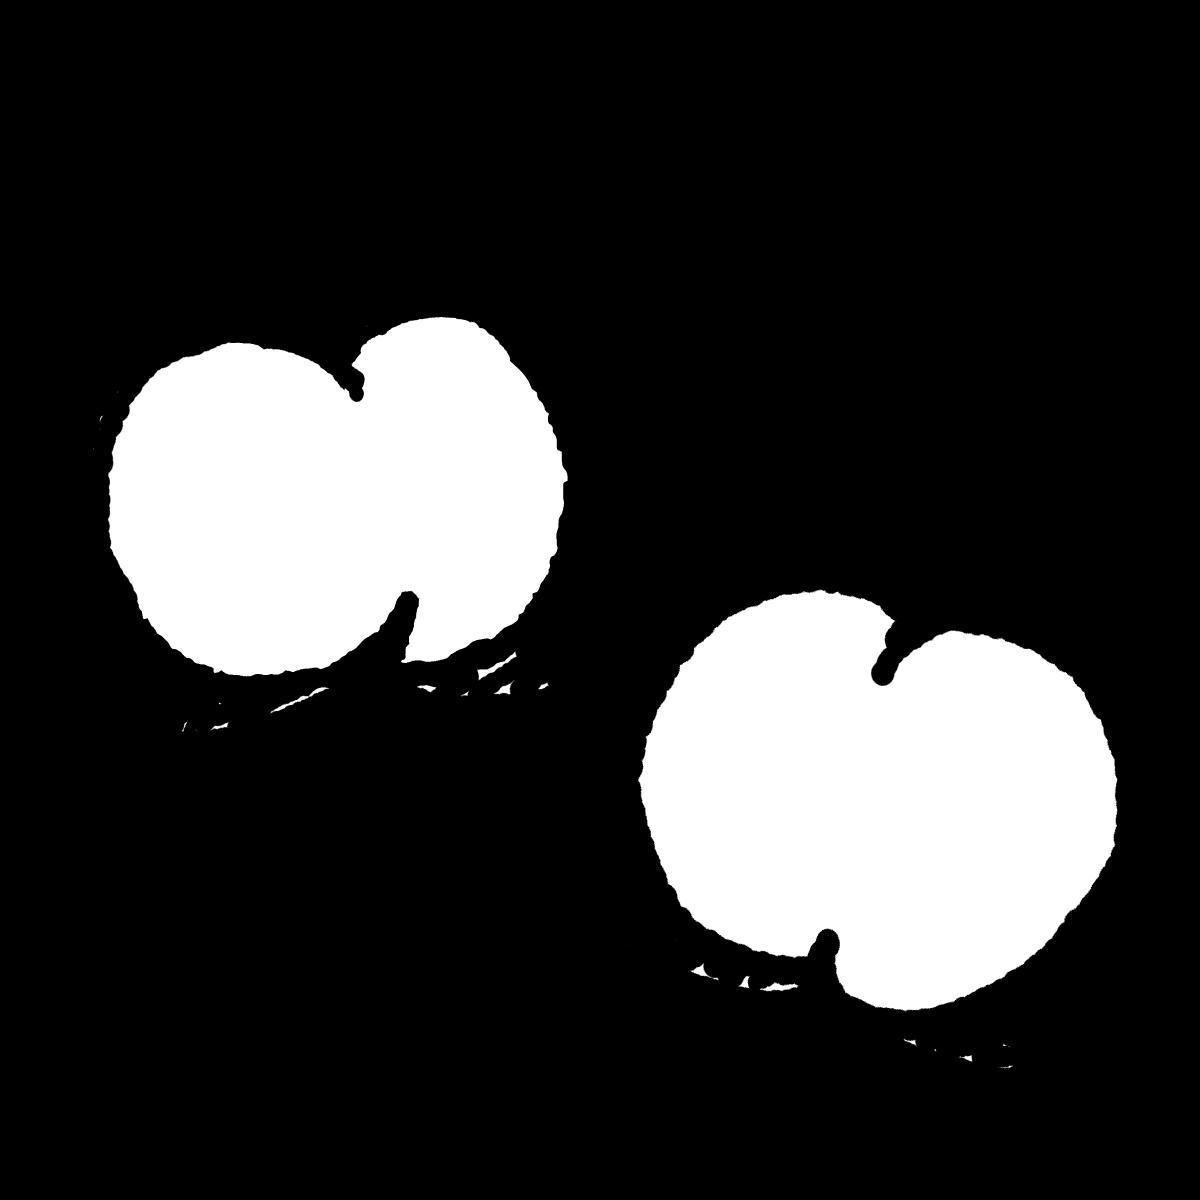 桃のイラスト / Peach Illustration